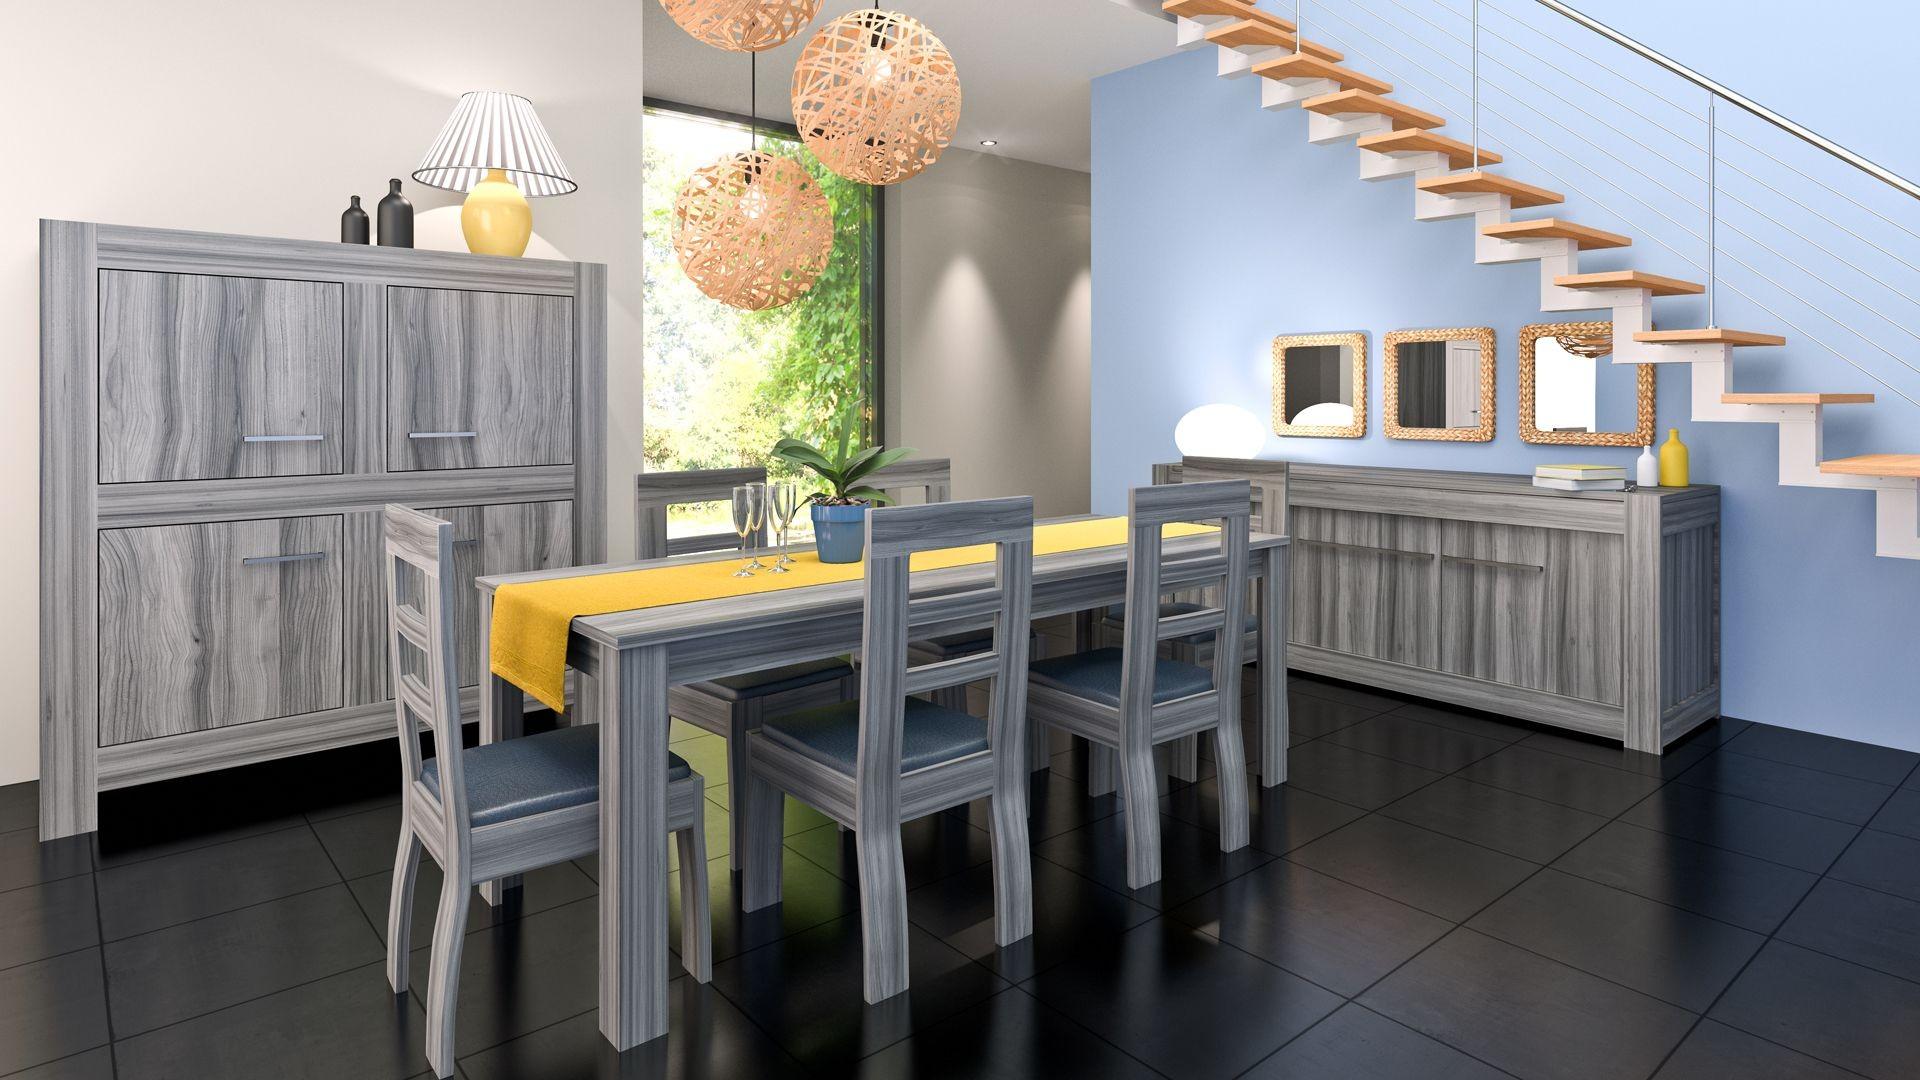 Reformas de cocinas y baños en Cuarte de Huerva por especialistas